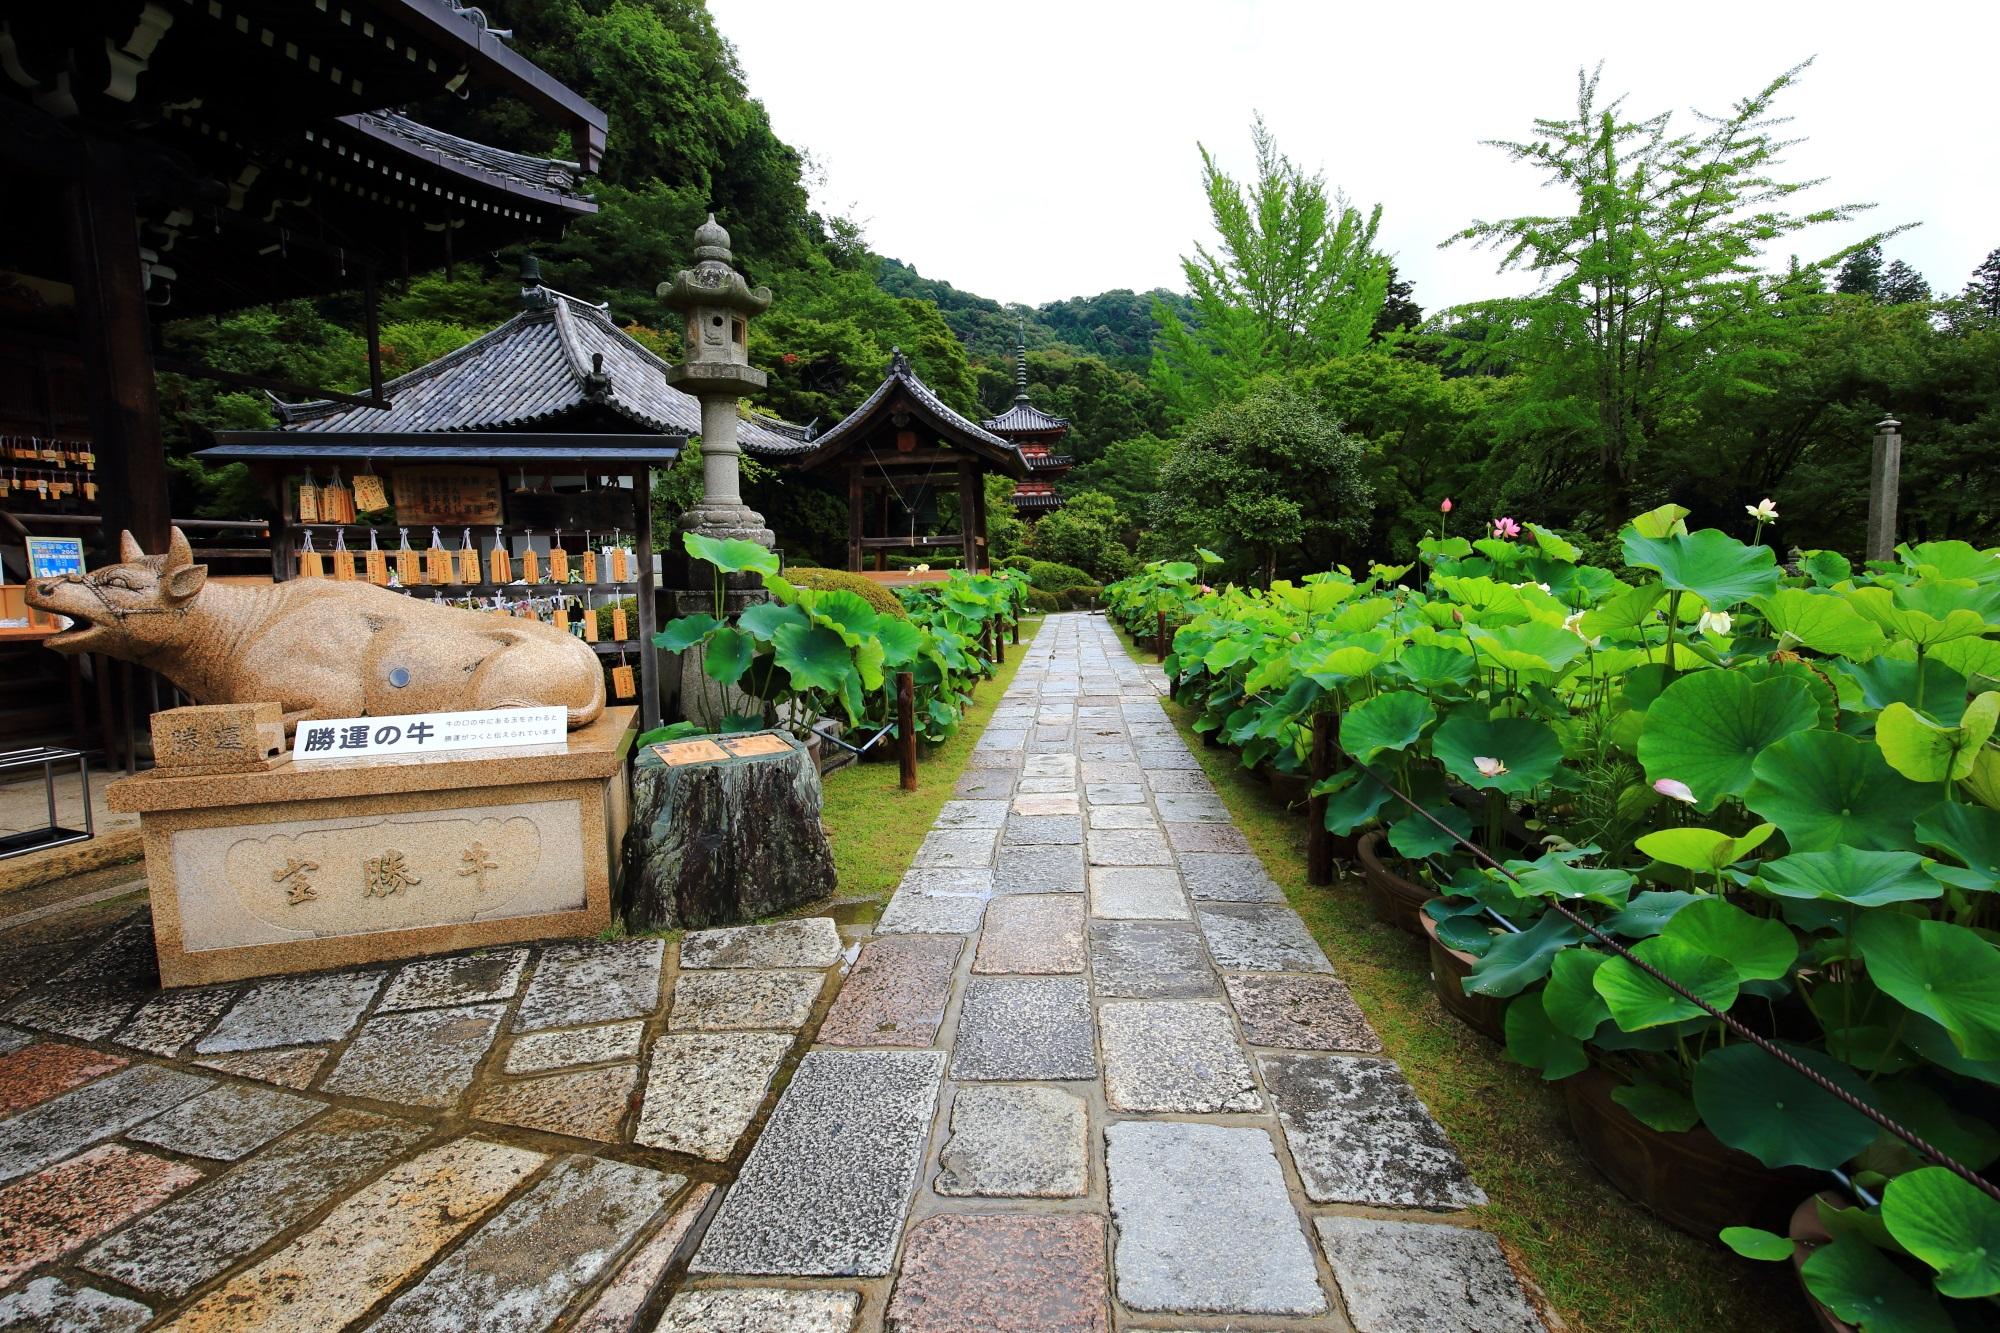 三室戸寺の本堂前のたくさんの蓮鉢に咲く蓮の花